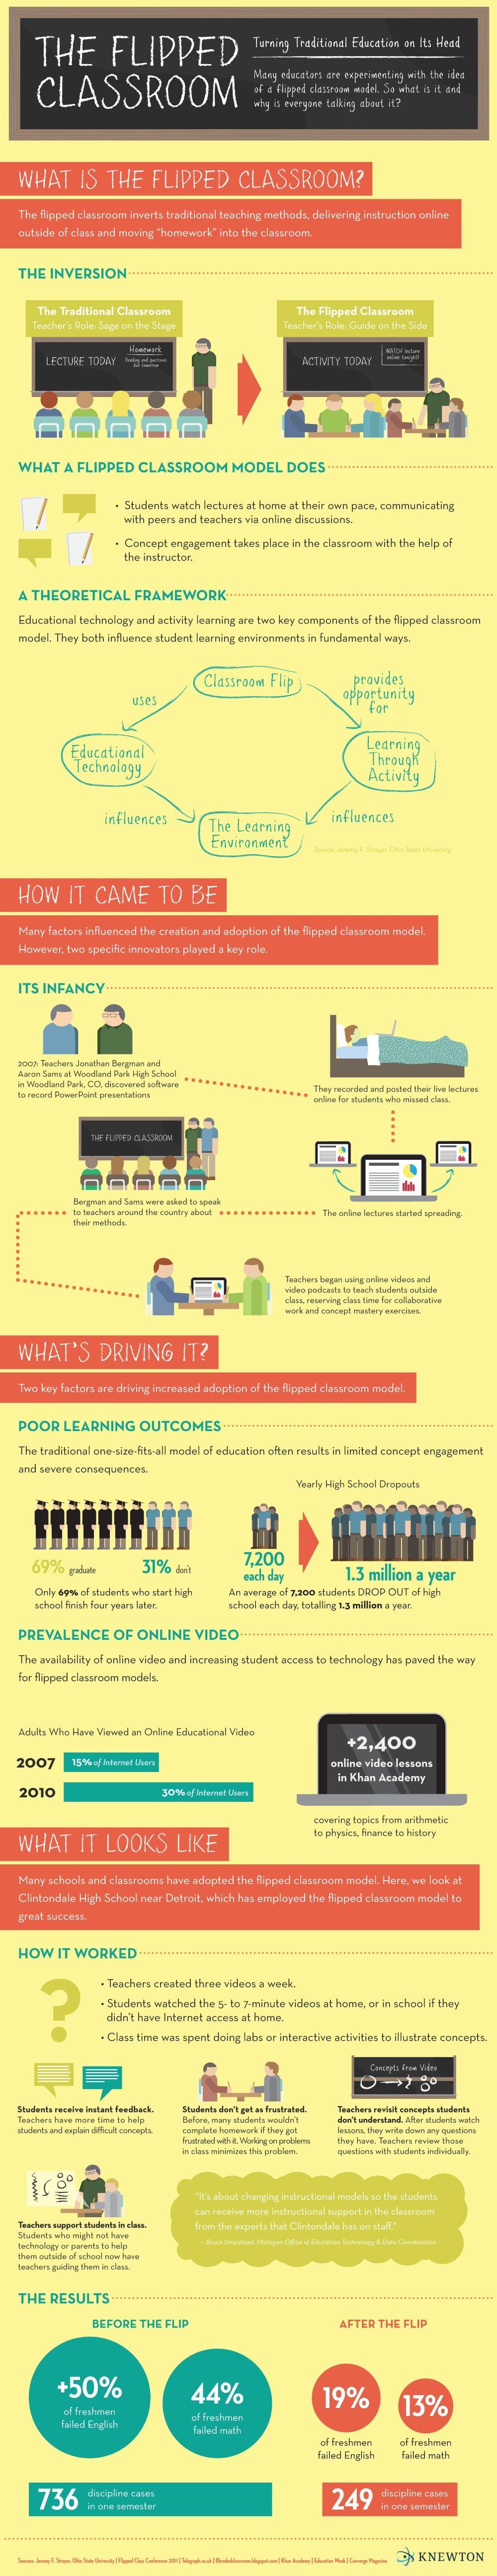 Un nuevo paradigma educativo